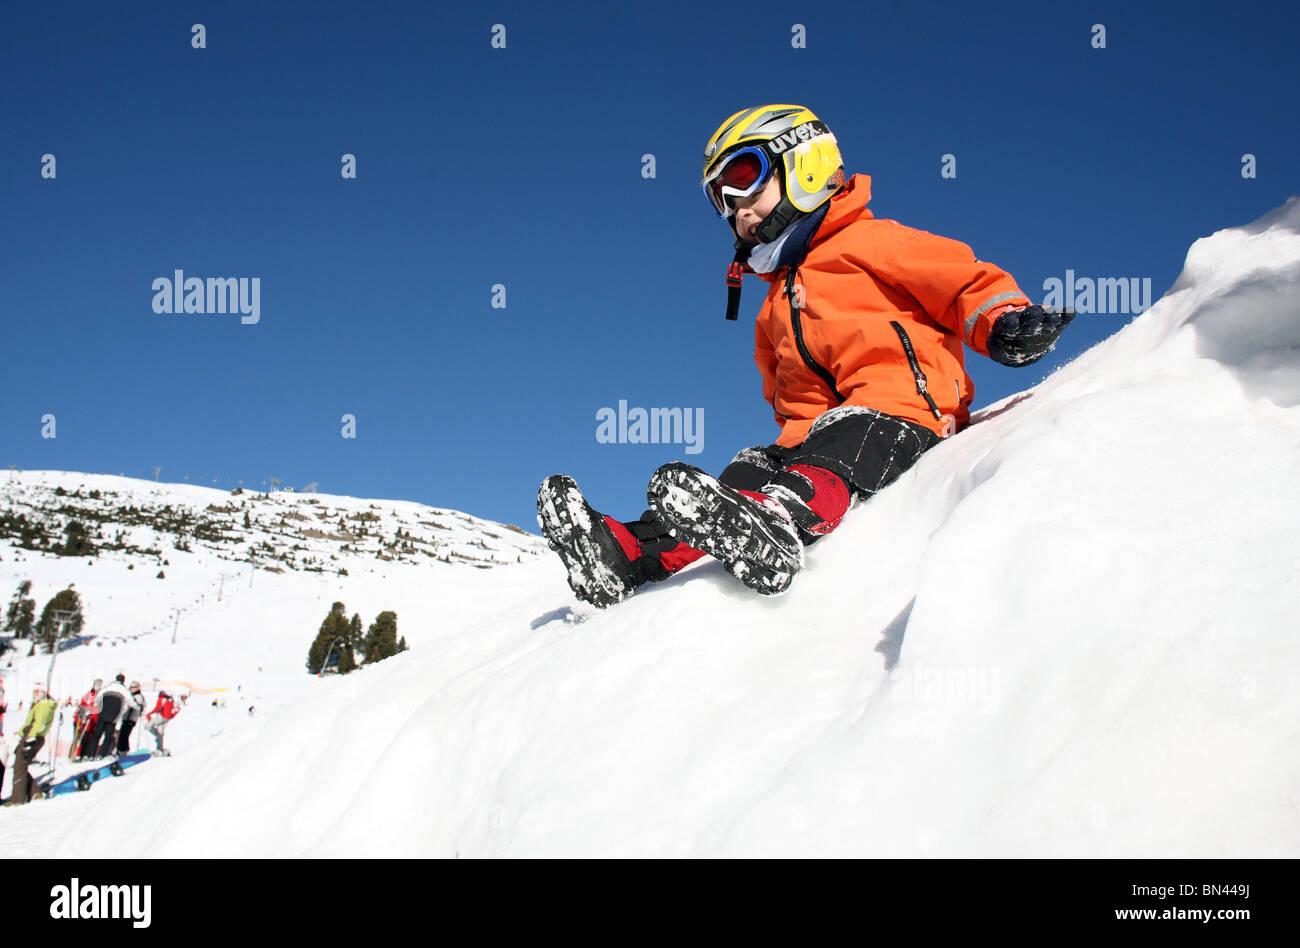 Niño en un casco de seguridad a deslizarse por una pendiente de nieve, Jerzens, Austria Imagen De Stock